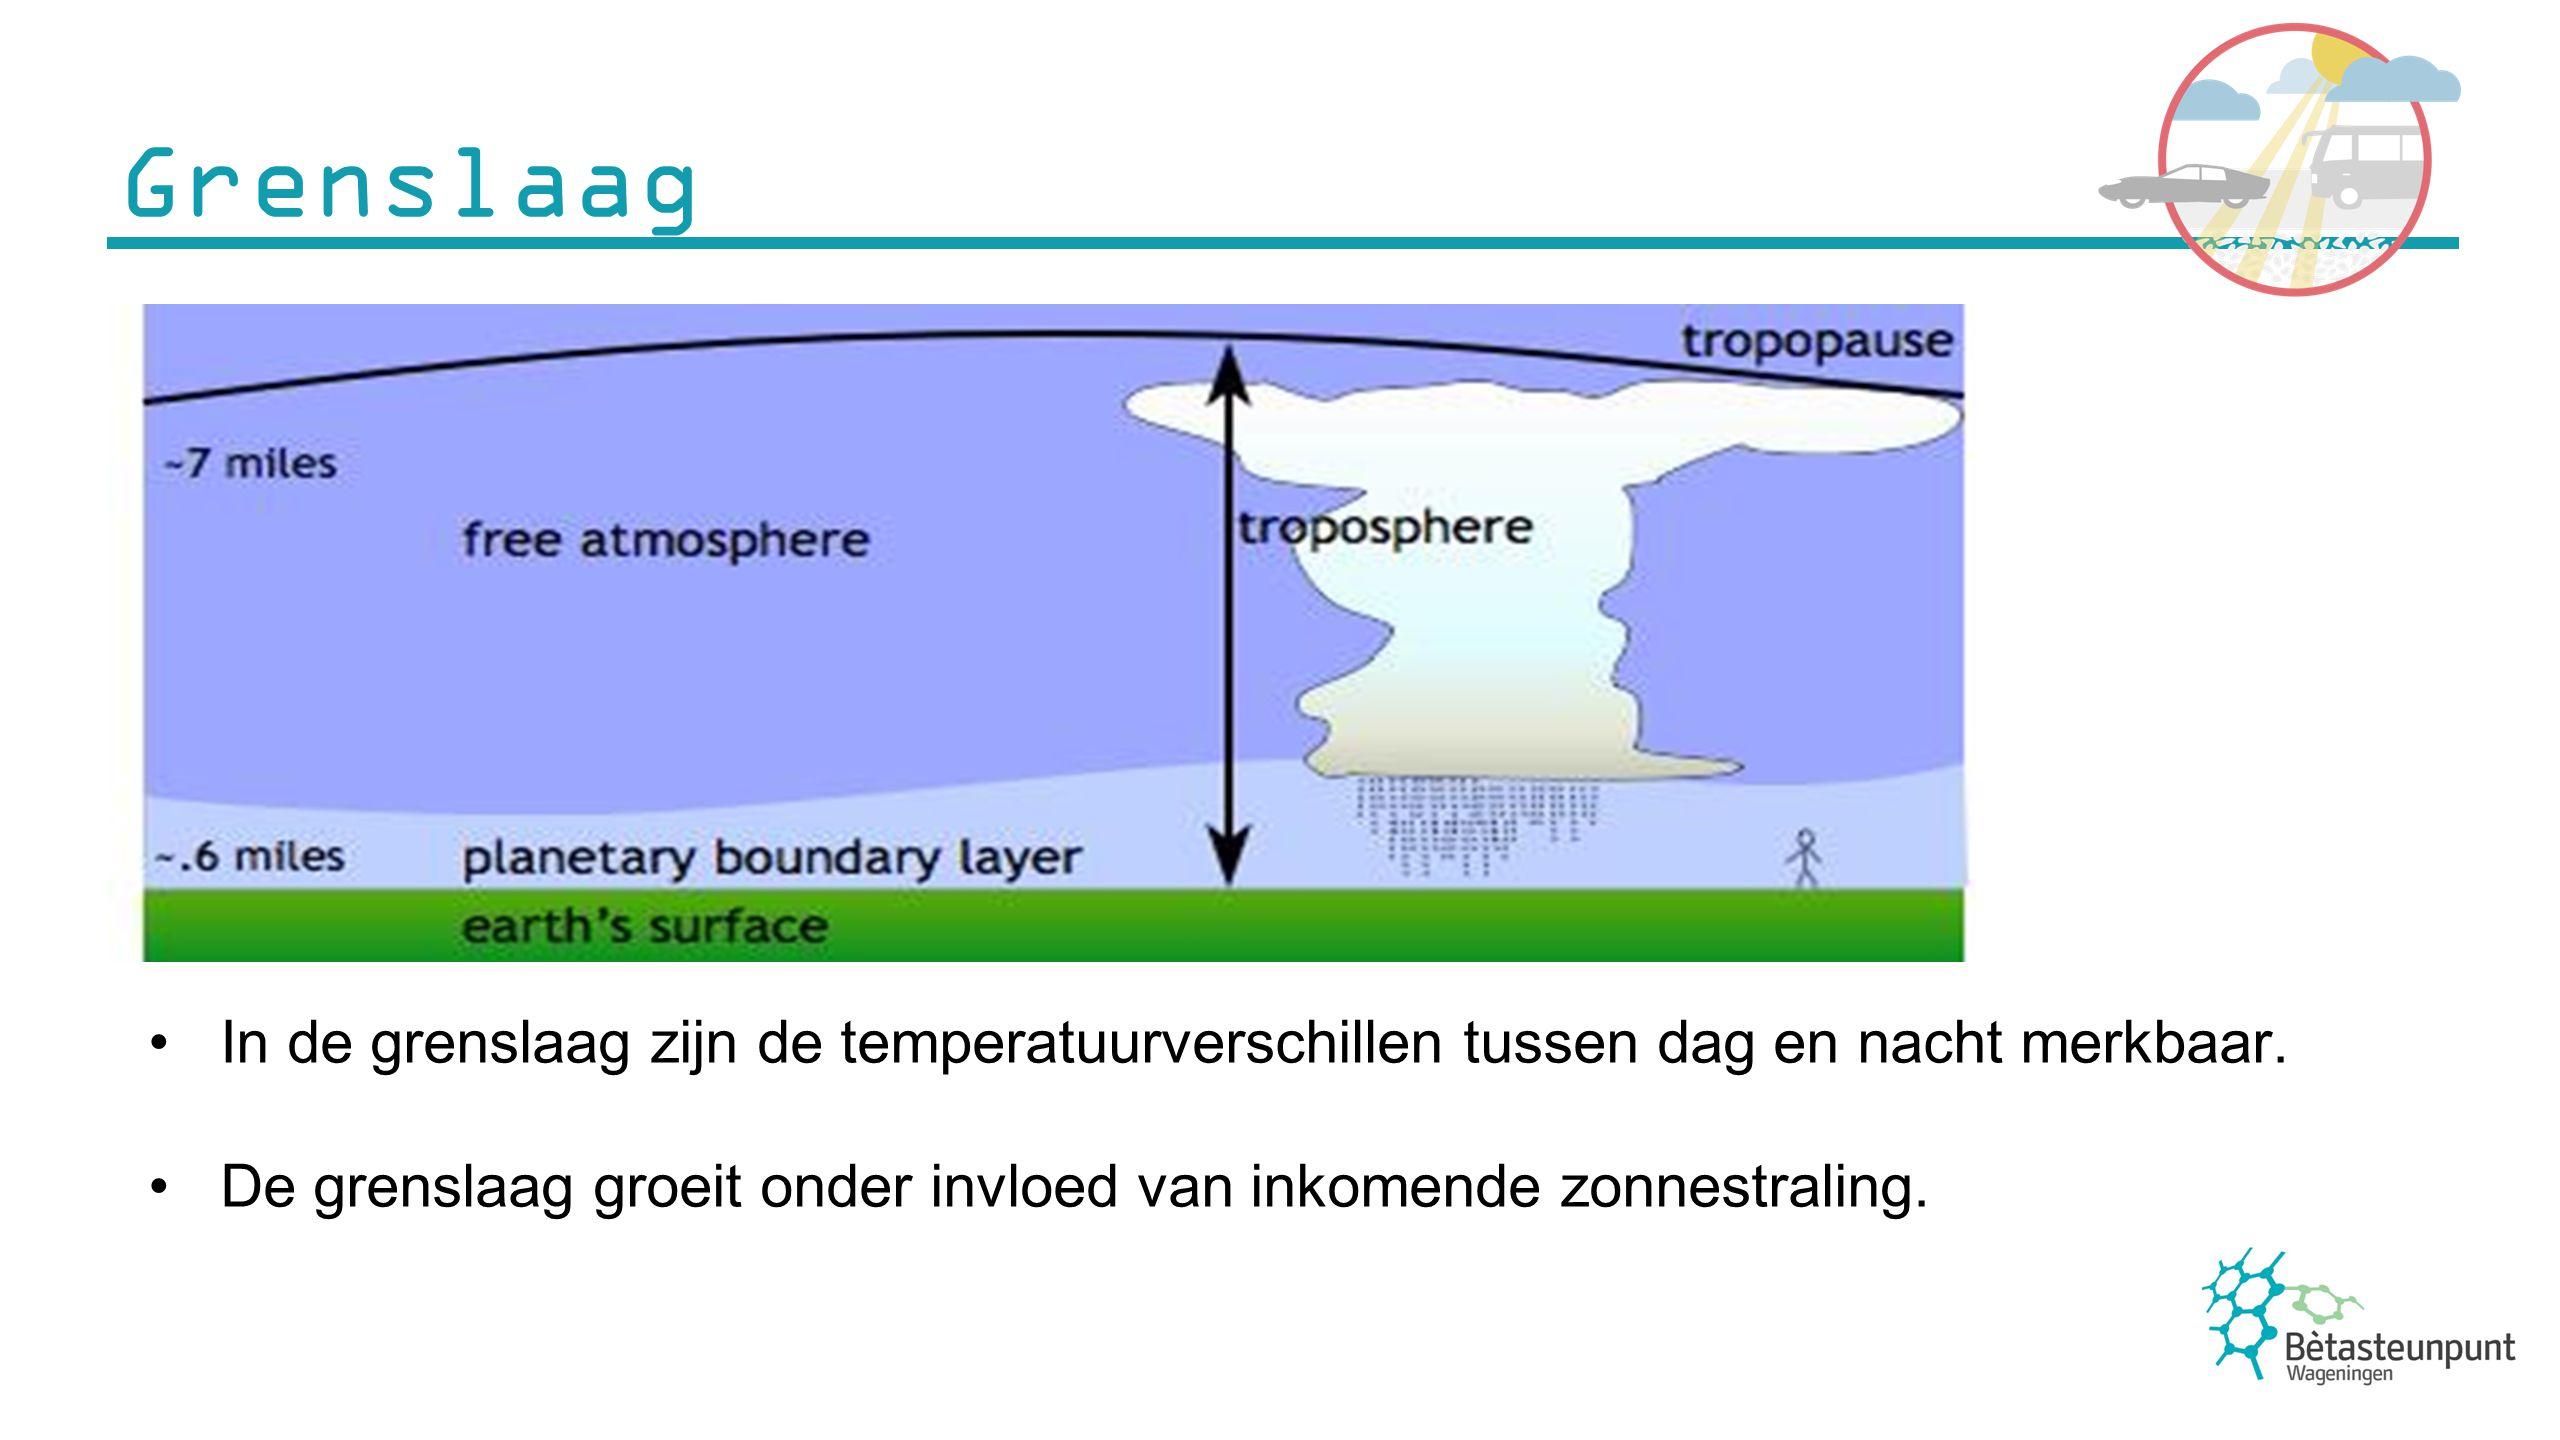 Grenslaagdikte varieert tussen de 2 kilometer en 200 meter.